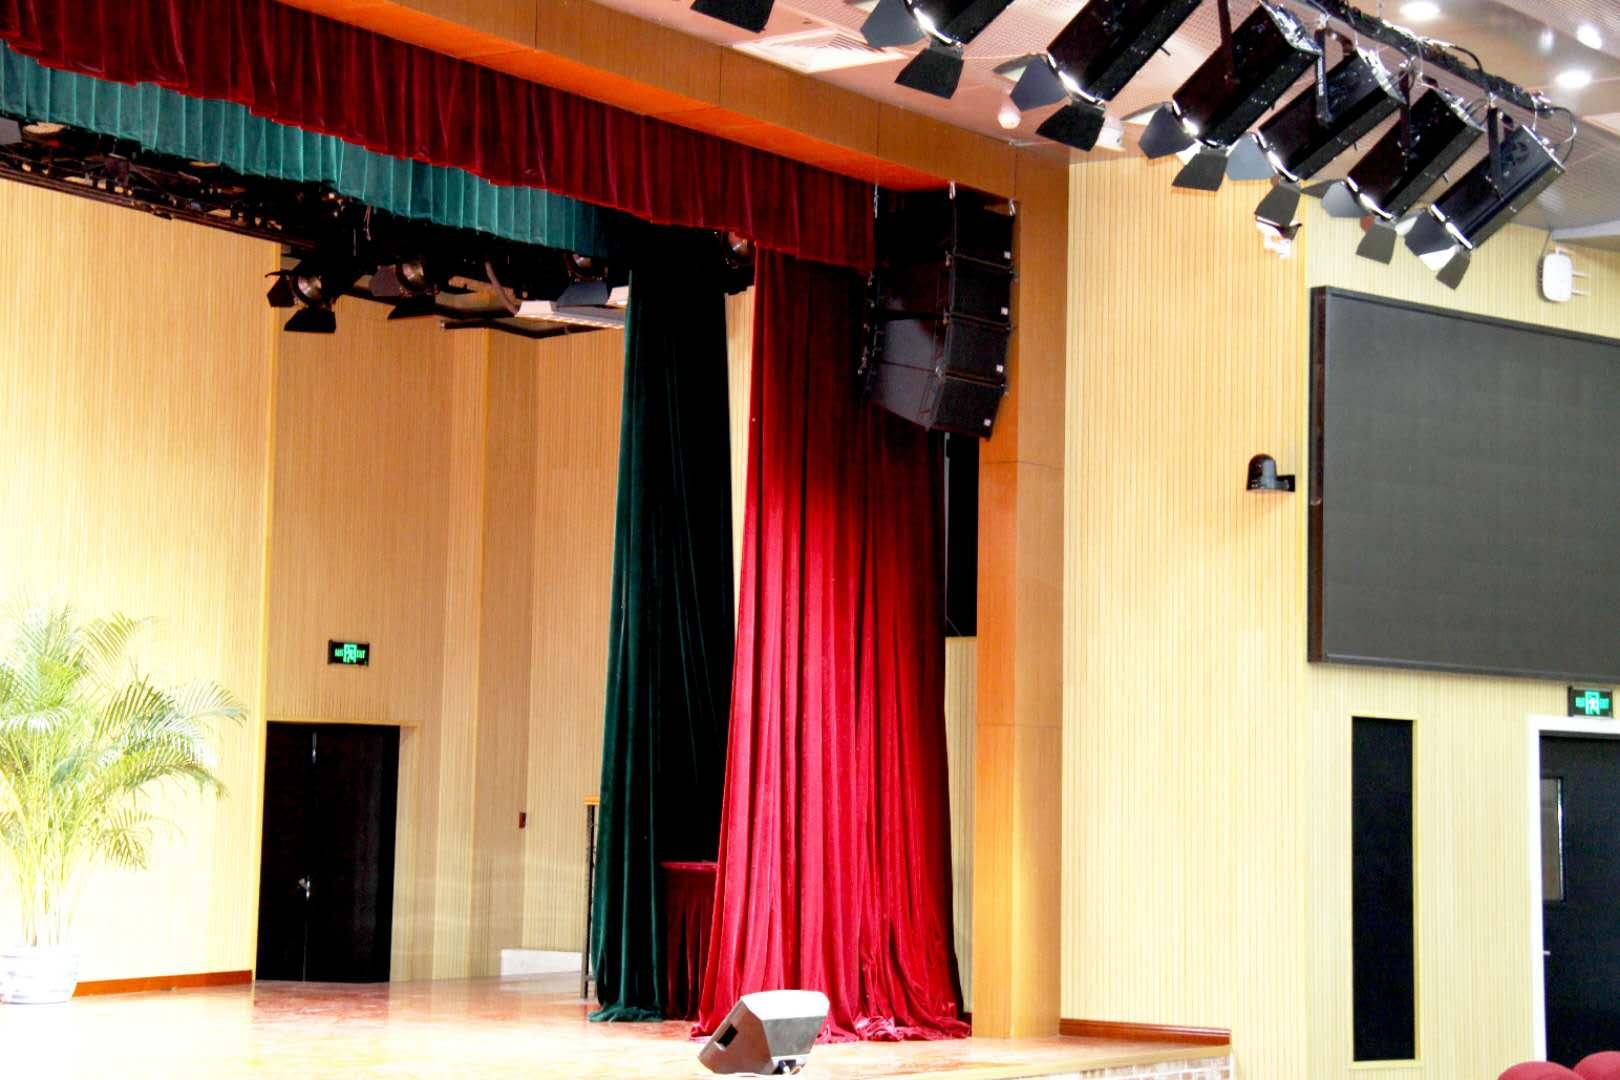 舞台音响效果对舞台气氛营造的重要性